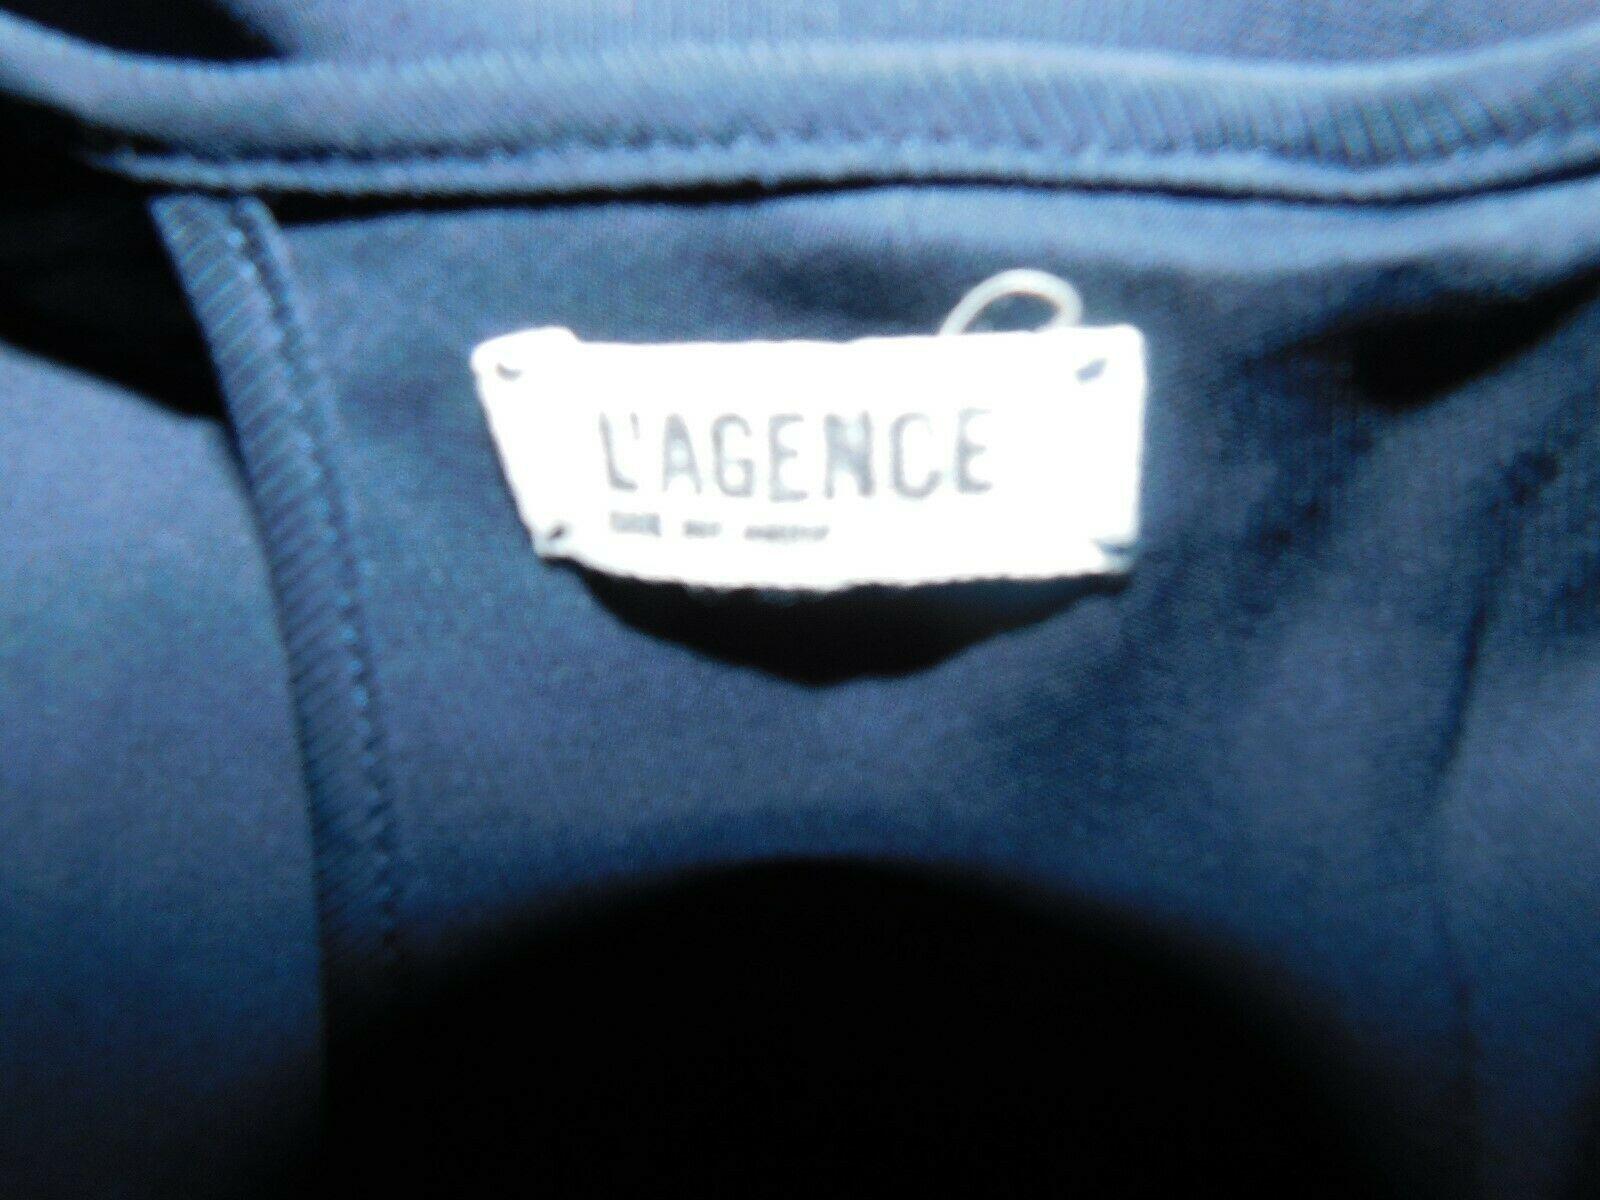 L'AGENCE MIDNIGHT SLEEVELESS MAXI DRESS SIZE 0 EUC